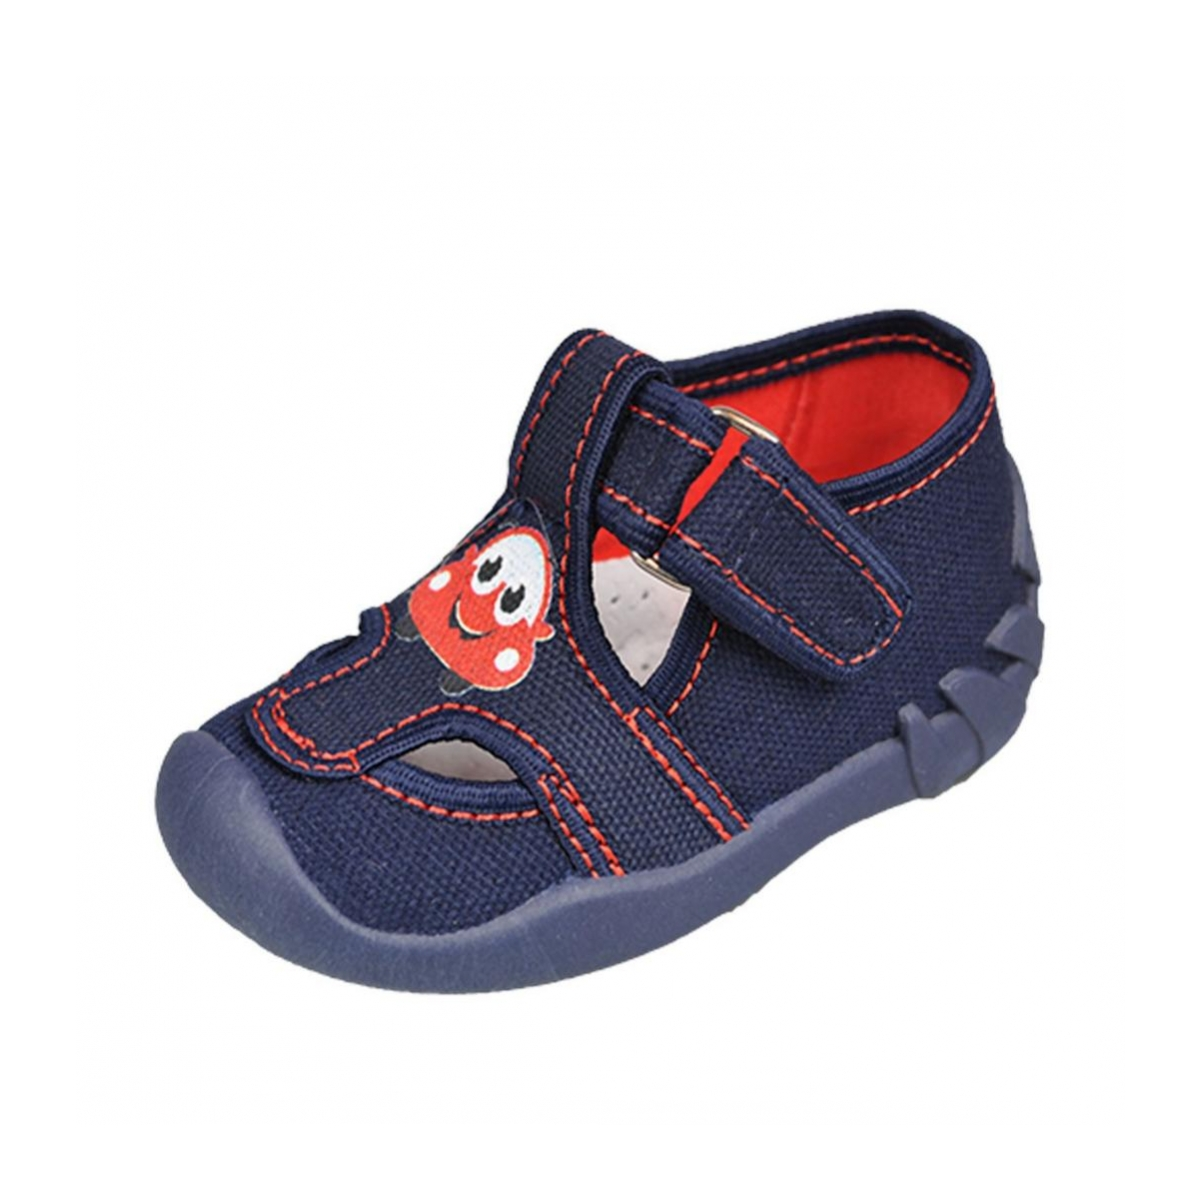 afe627dd0e0ec Detské tmavomodré topánky KIK | Johnc.sk